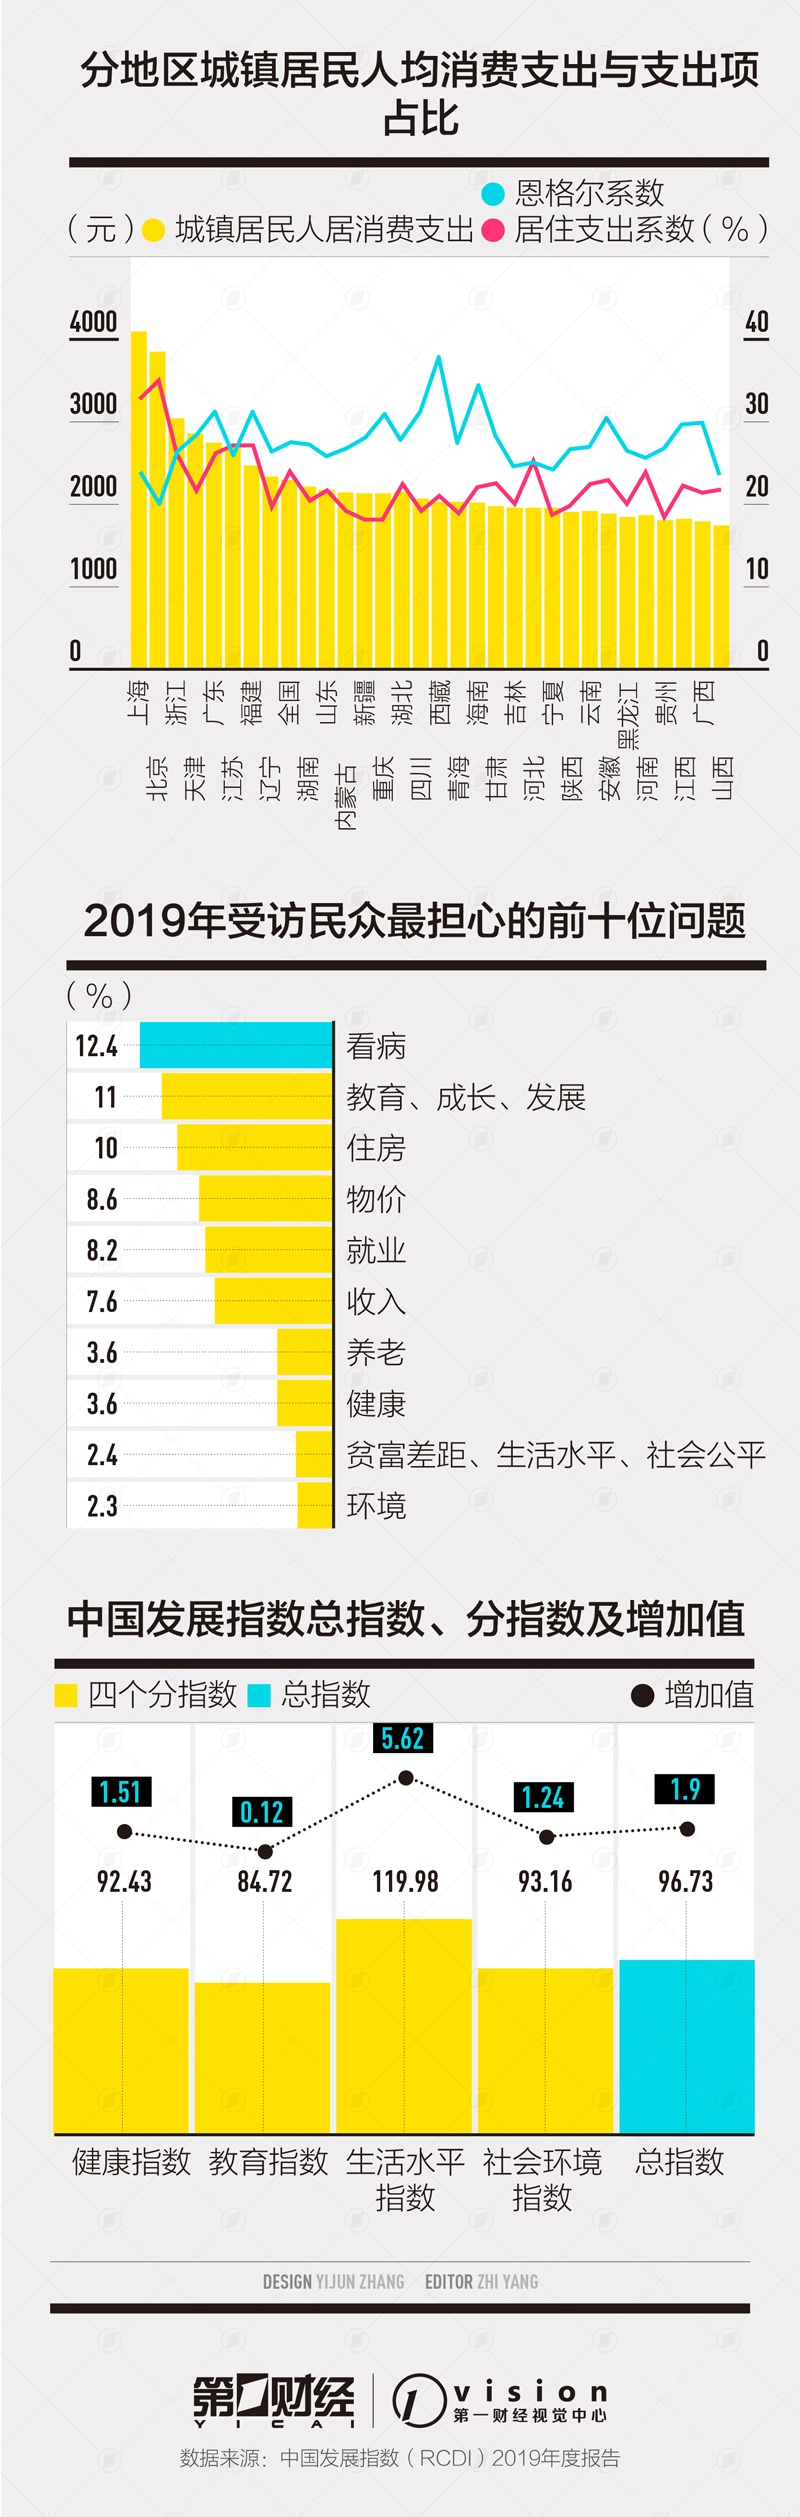 京沪领跑中国发展指数 城市居住支出占比上升图片